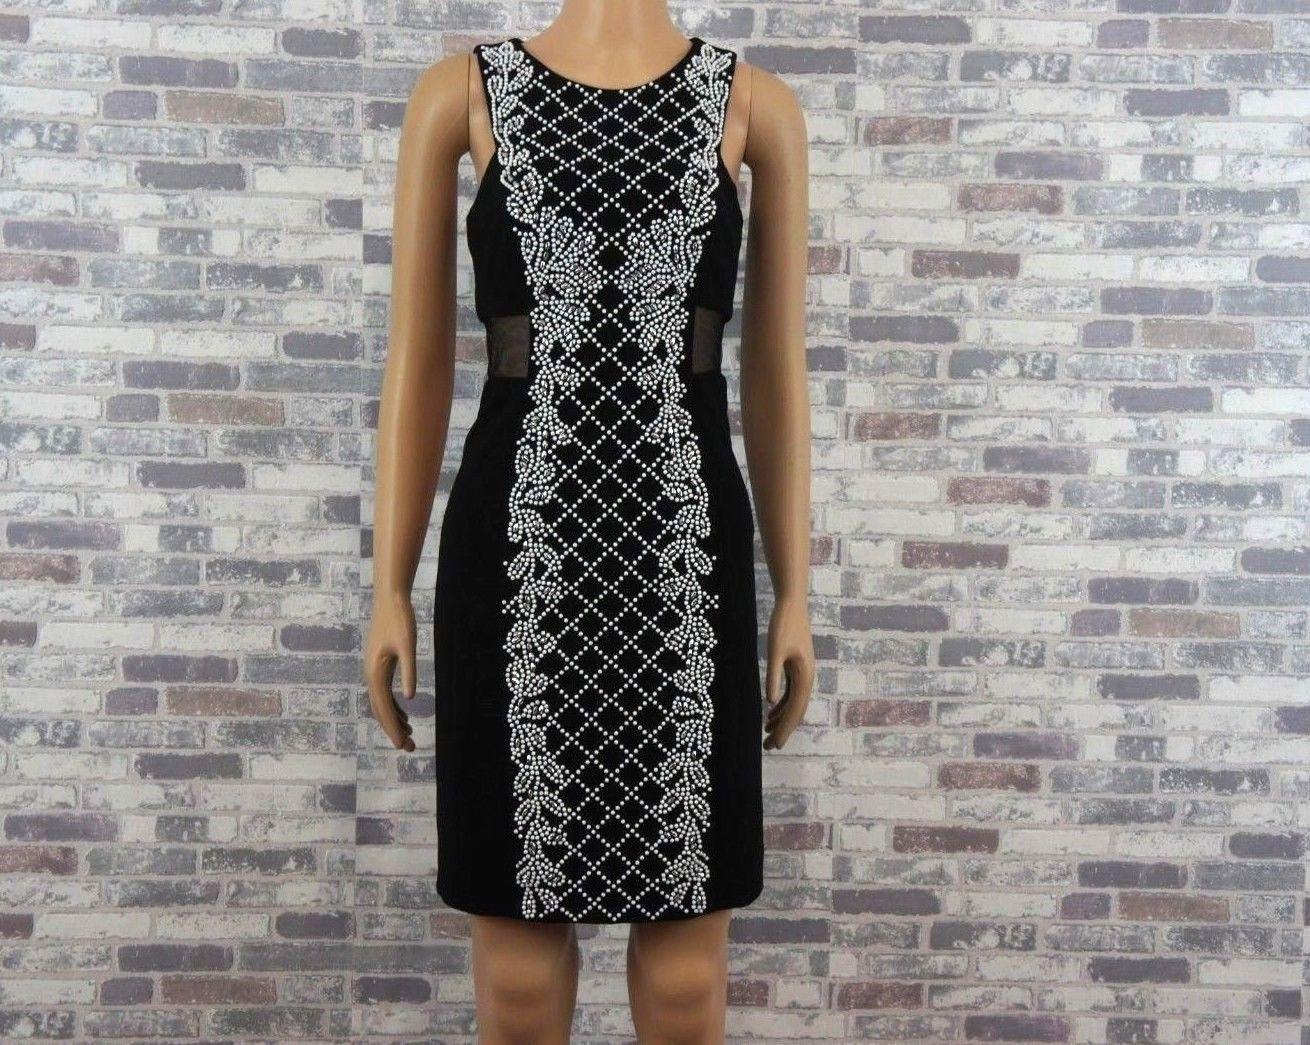 20 Top Abend Dress Boutique15 Ausgezeichnet Abend Dress Galerie